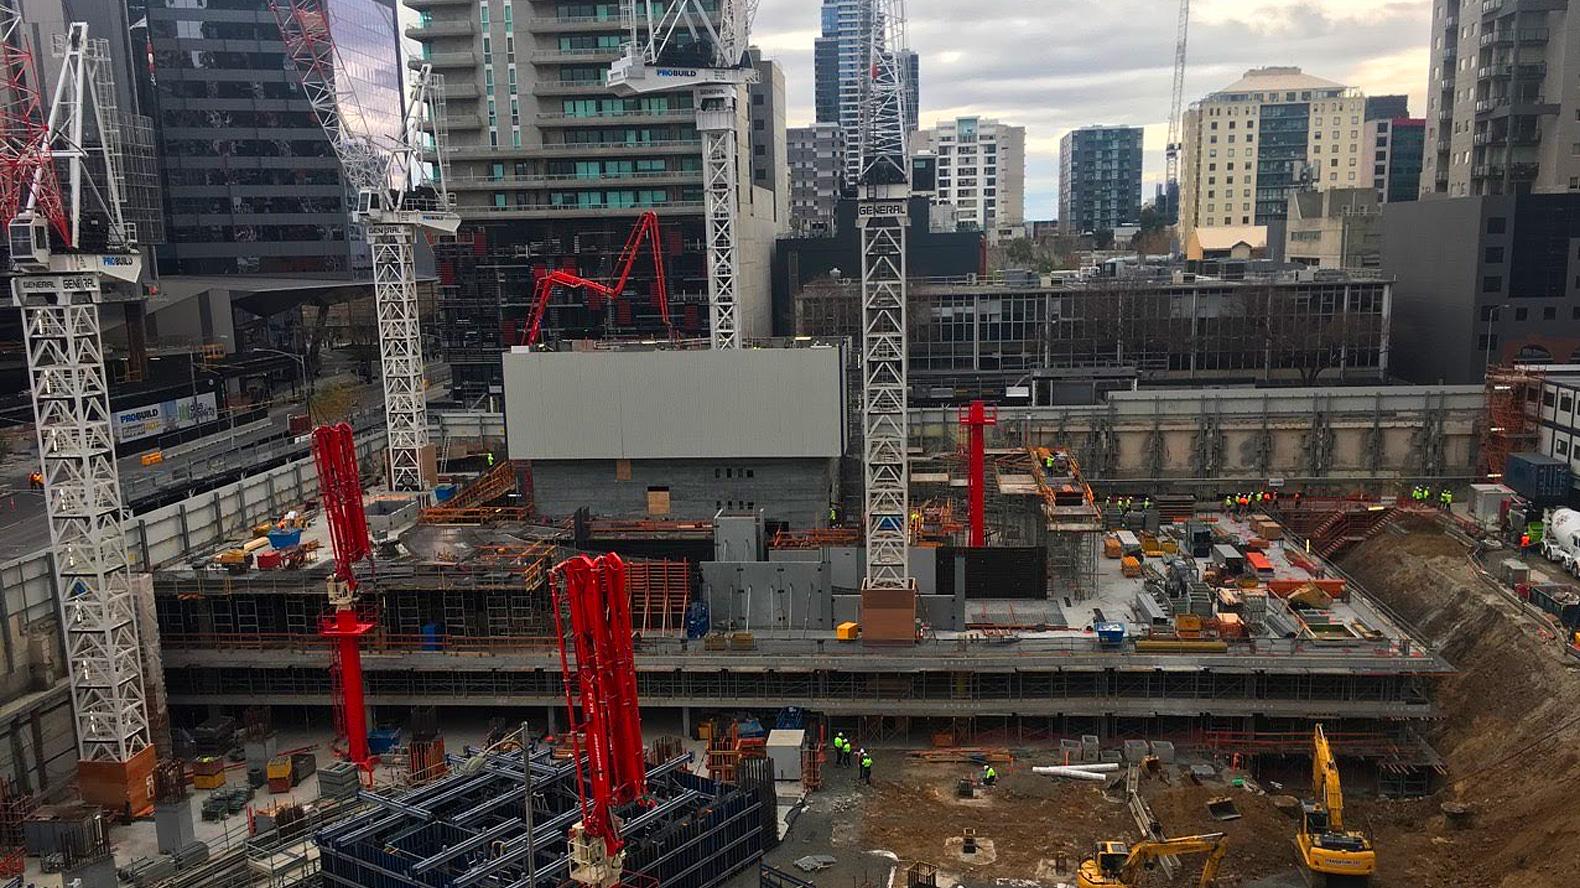 Upper West Side Construction Work In Progress